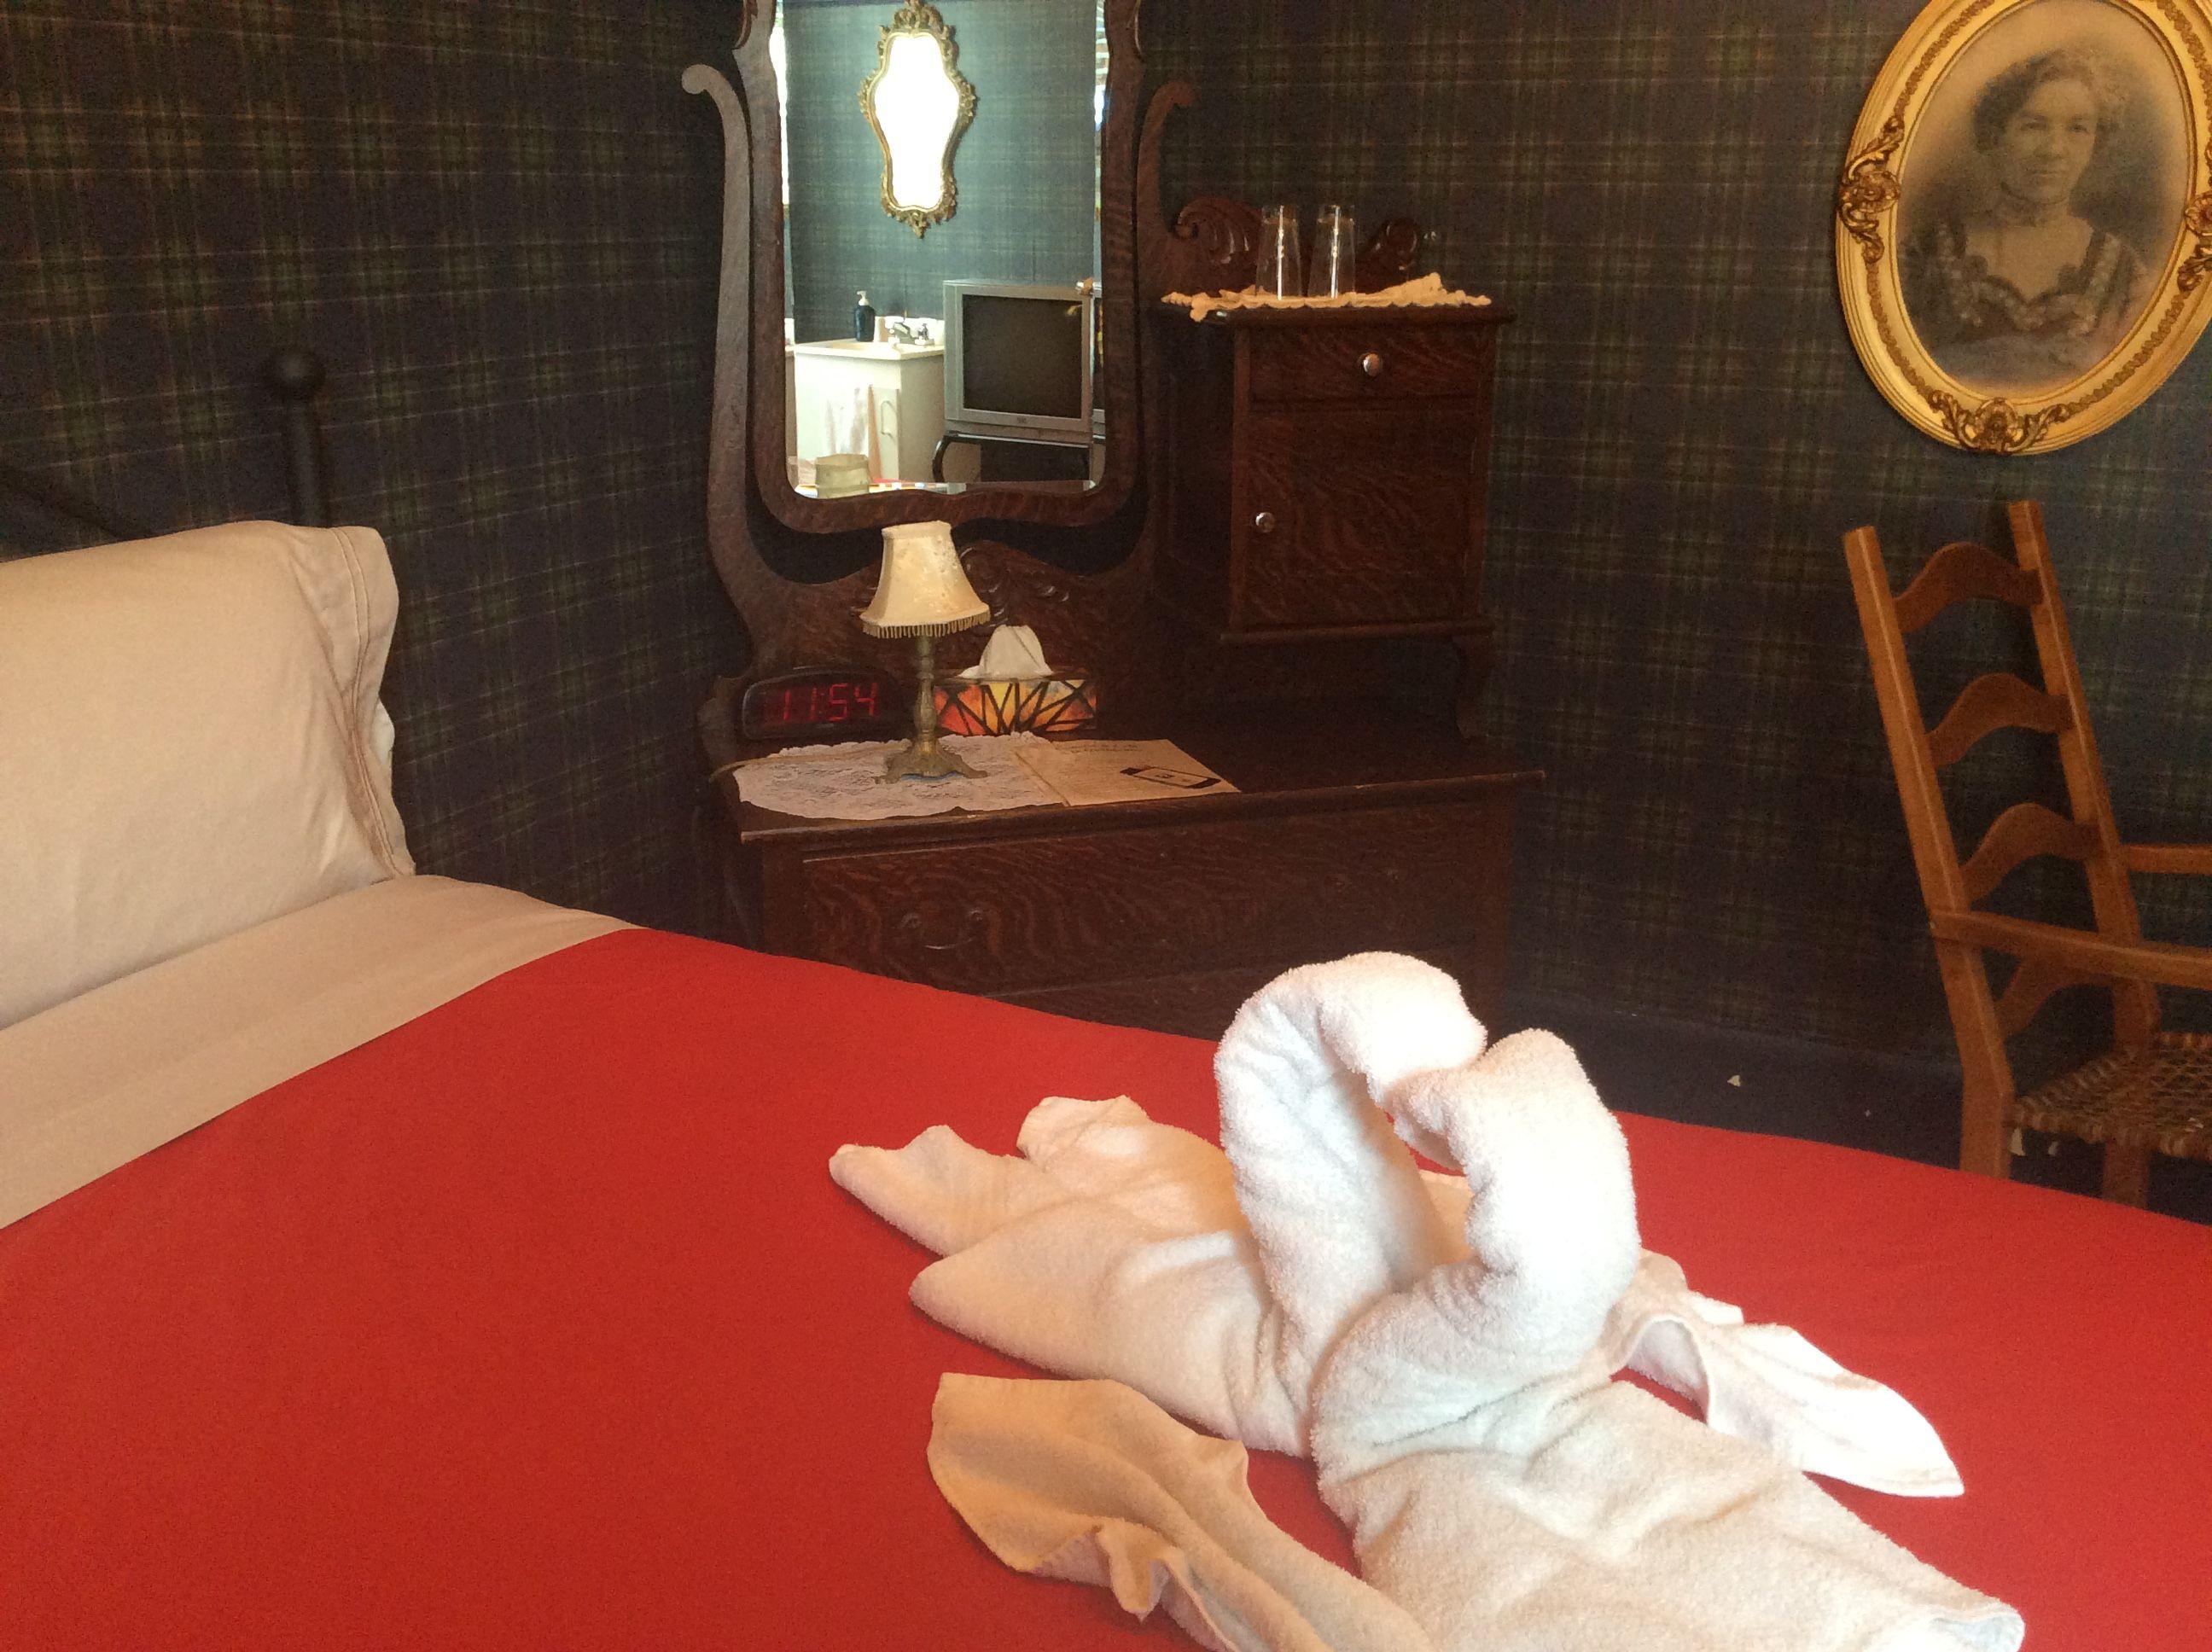 Les cygnes dans toutes les chambres au Couette & Café À la Québécoise, au Centre Ville de Québec 418-529-2013